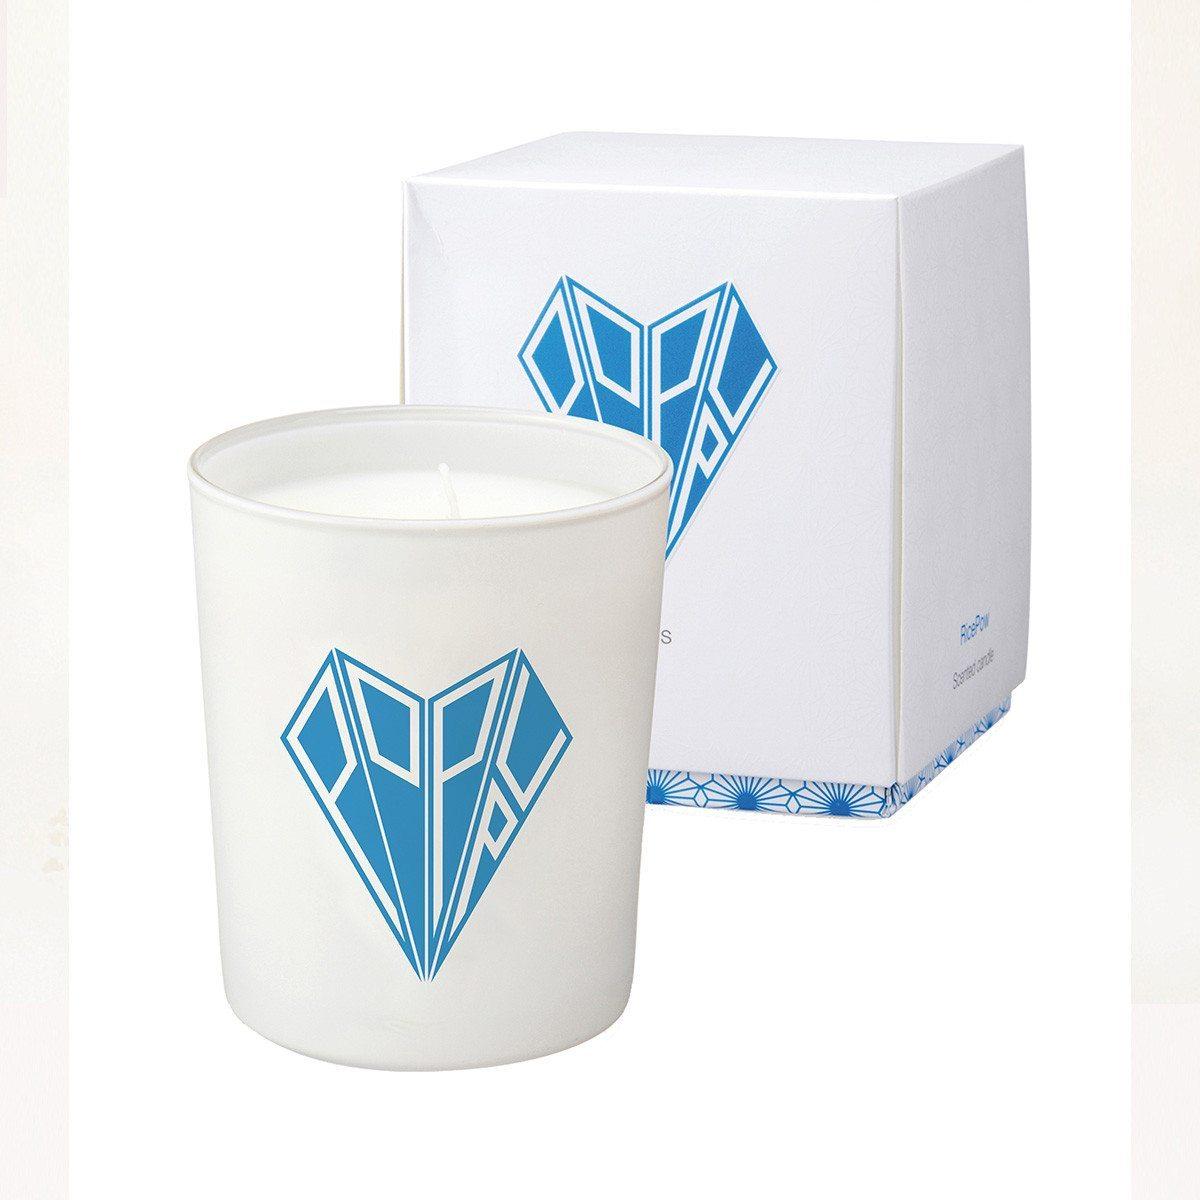 PopUp Kerze - Die Duftkerze mit Diamant